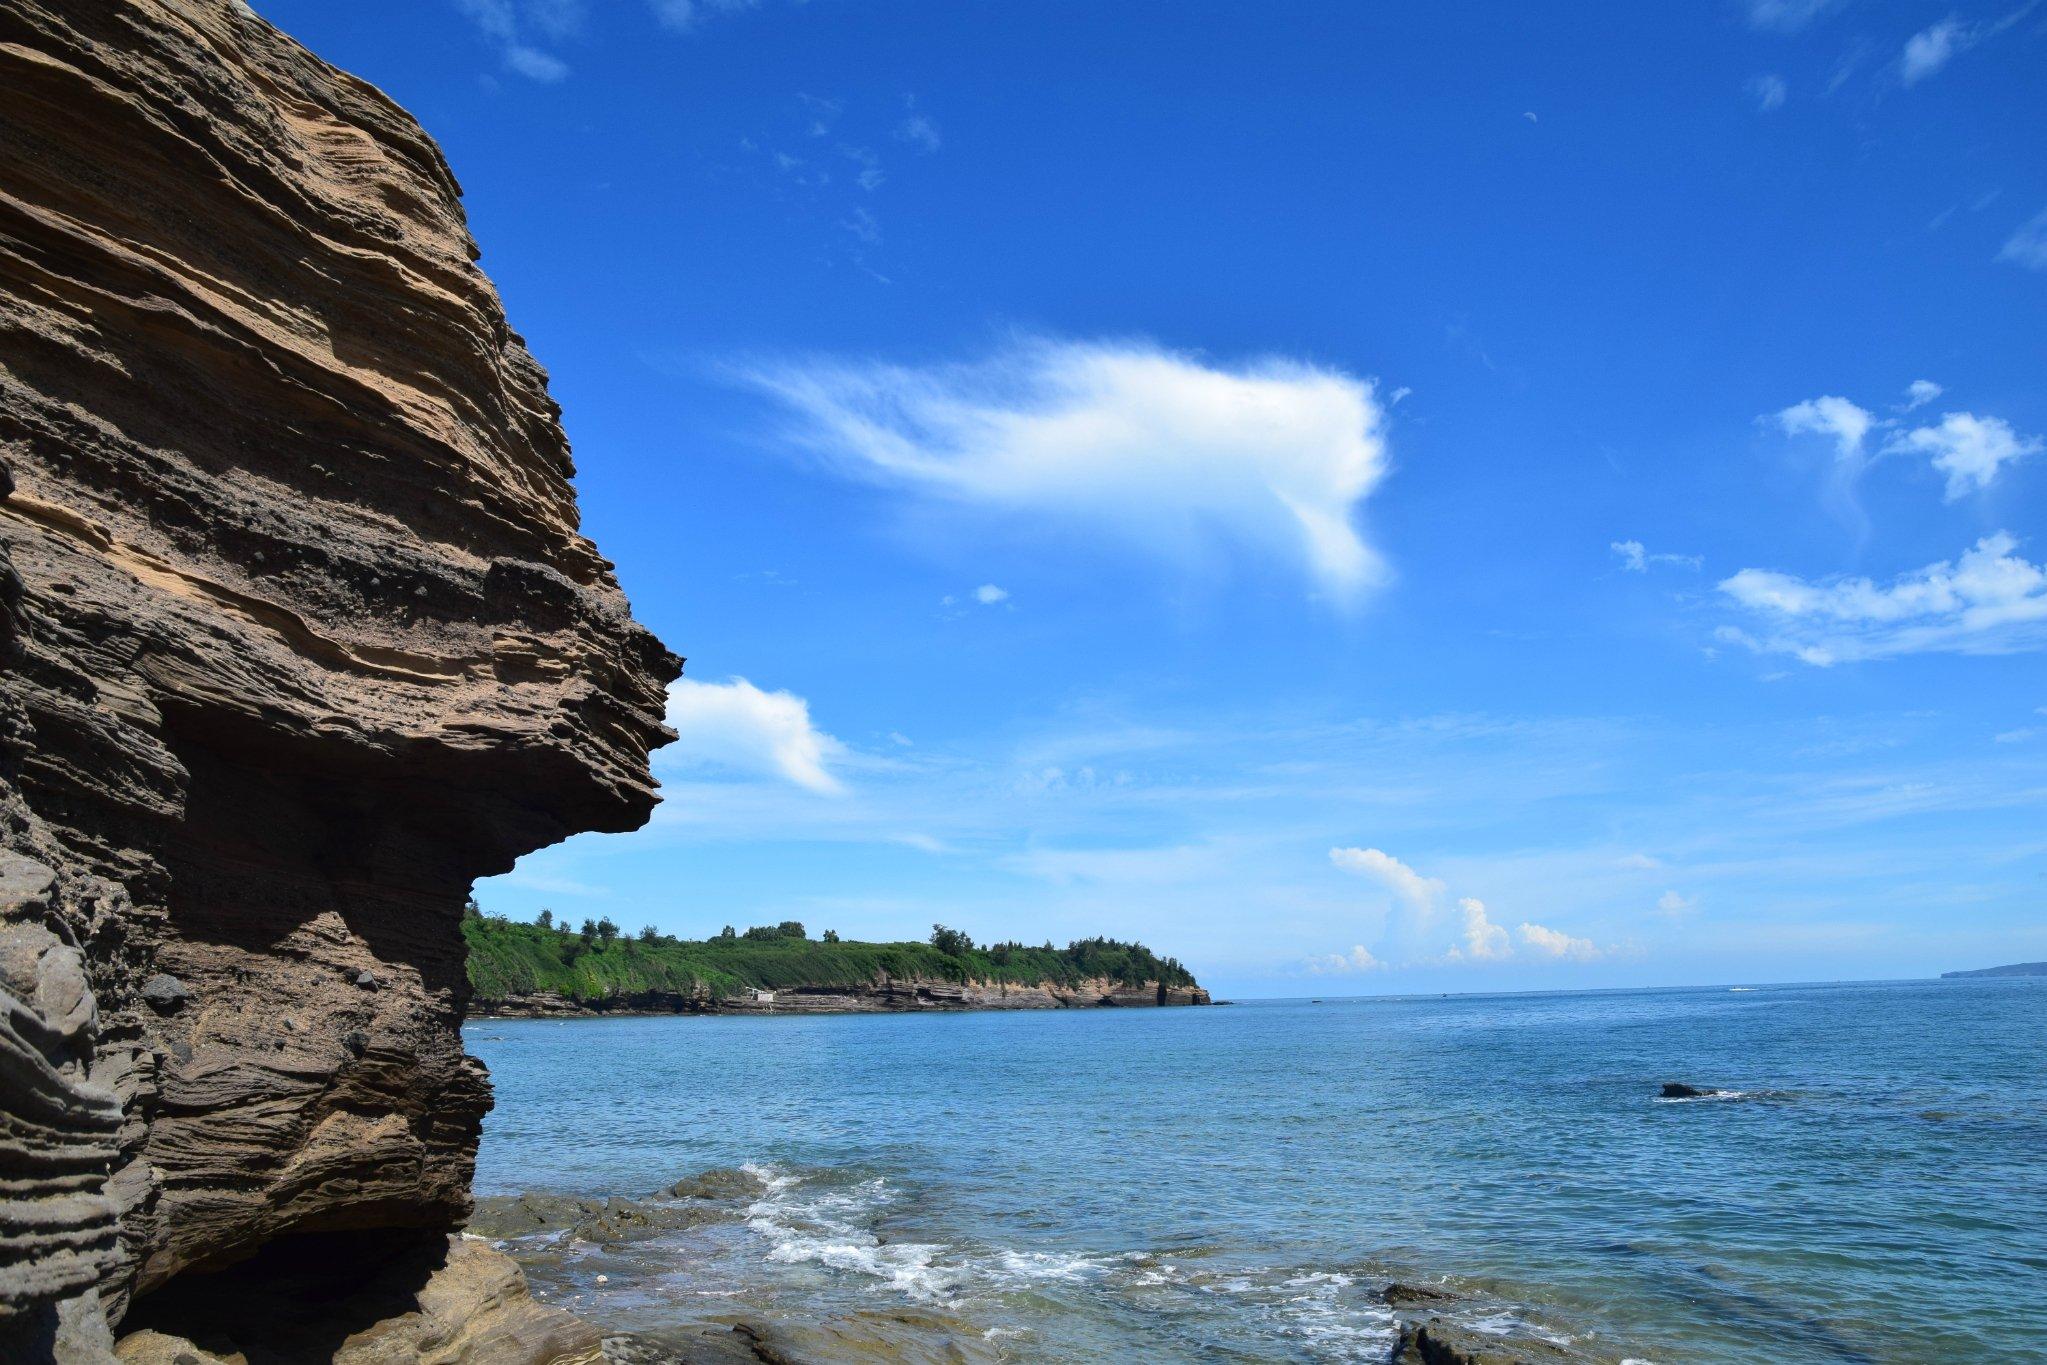 做个海岛梦——在涠洲岛、斜阳岛的兜兜转转